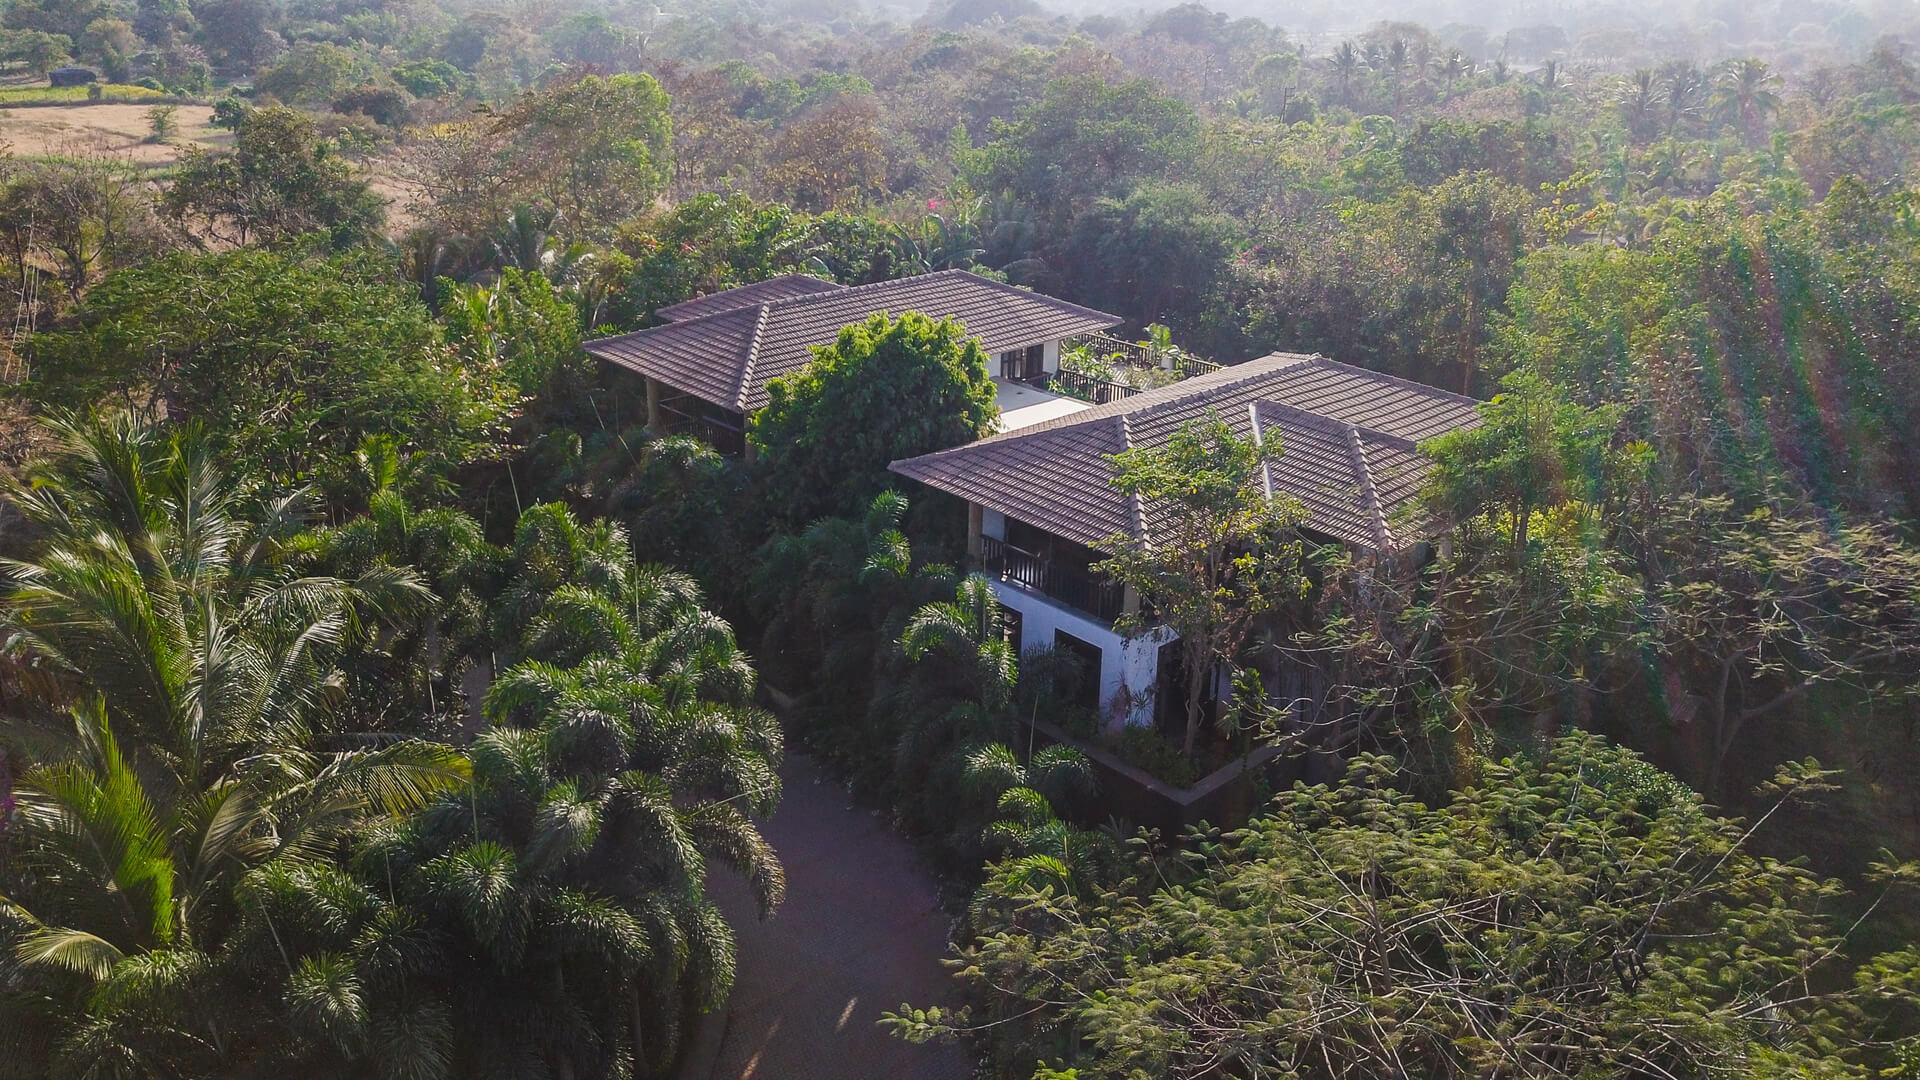 Villa Magnolia - Private villa for rent in Alibaug